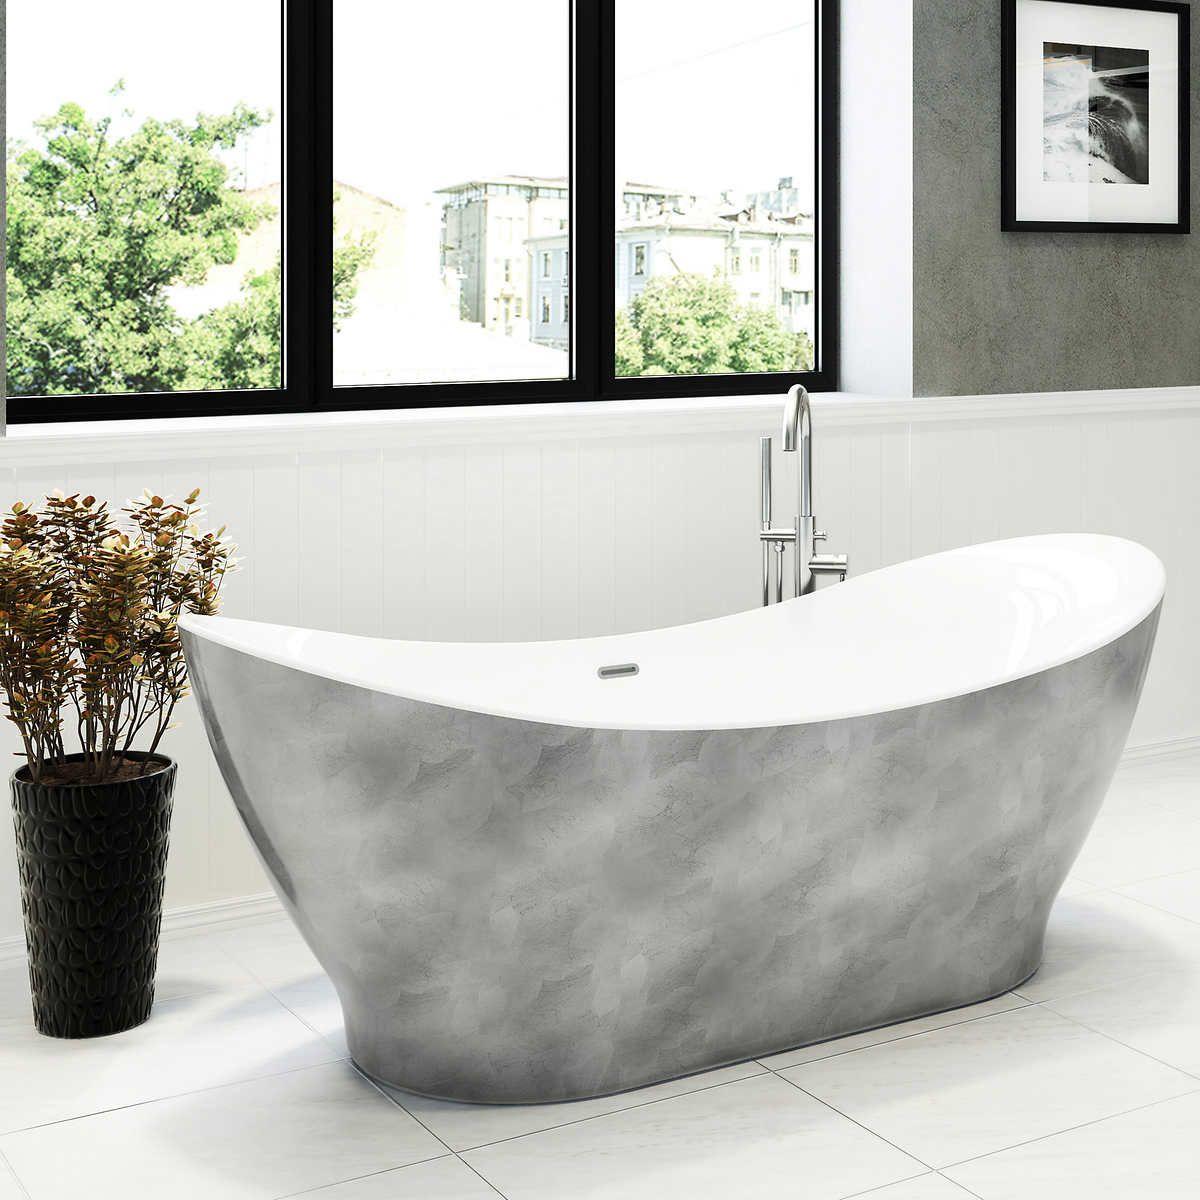 silver 1 Free standing tub, Luxury tub, Tub